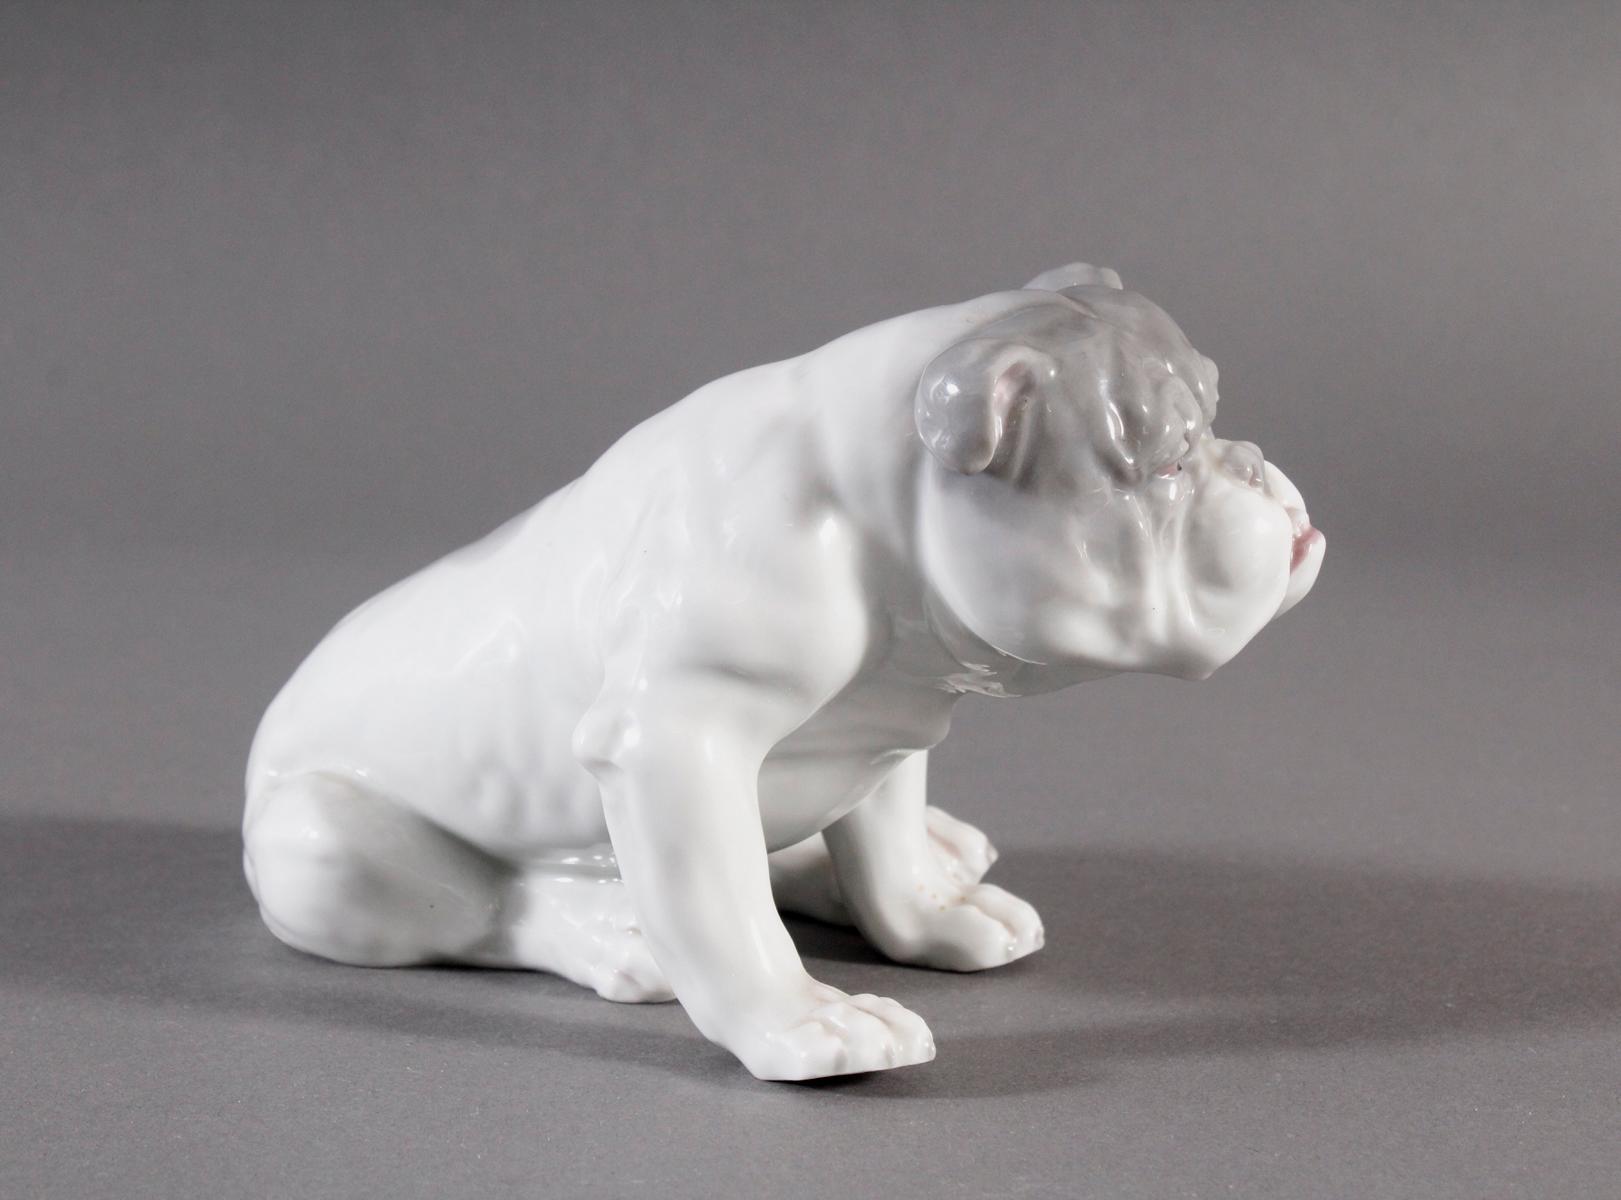 Bulldogge, Porzellanmanufaktur Heubach-3